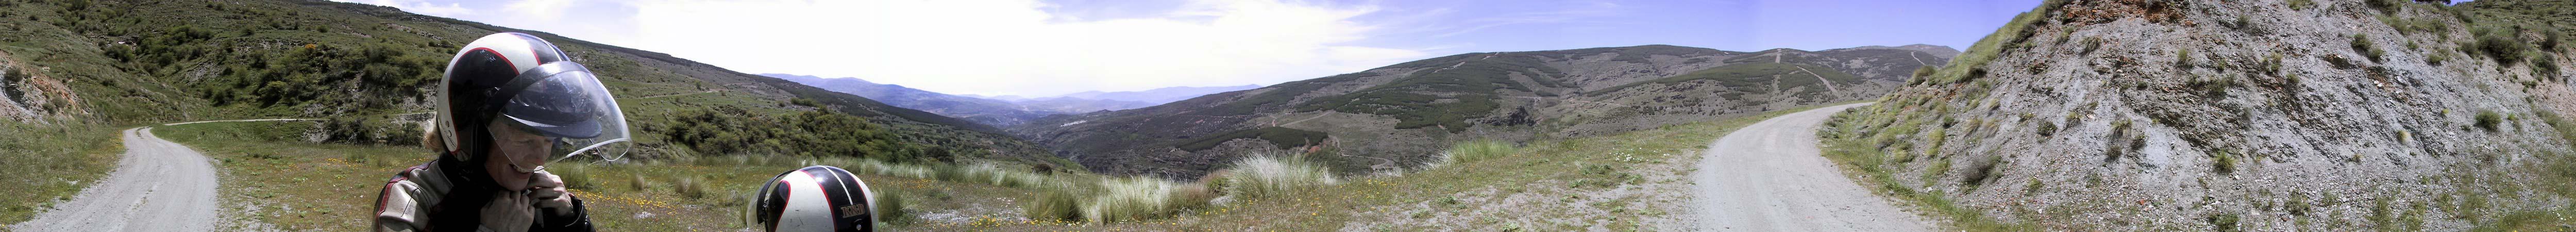 Onverharde weg langs spaarzaam begroeide berghelling, enorm uitzicht over de bergen